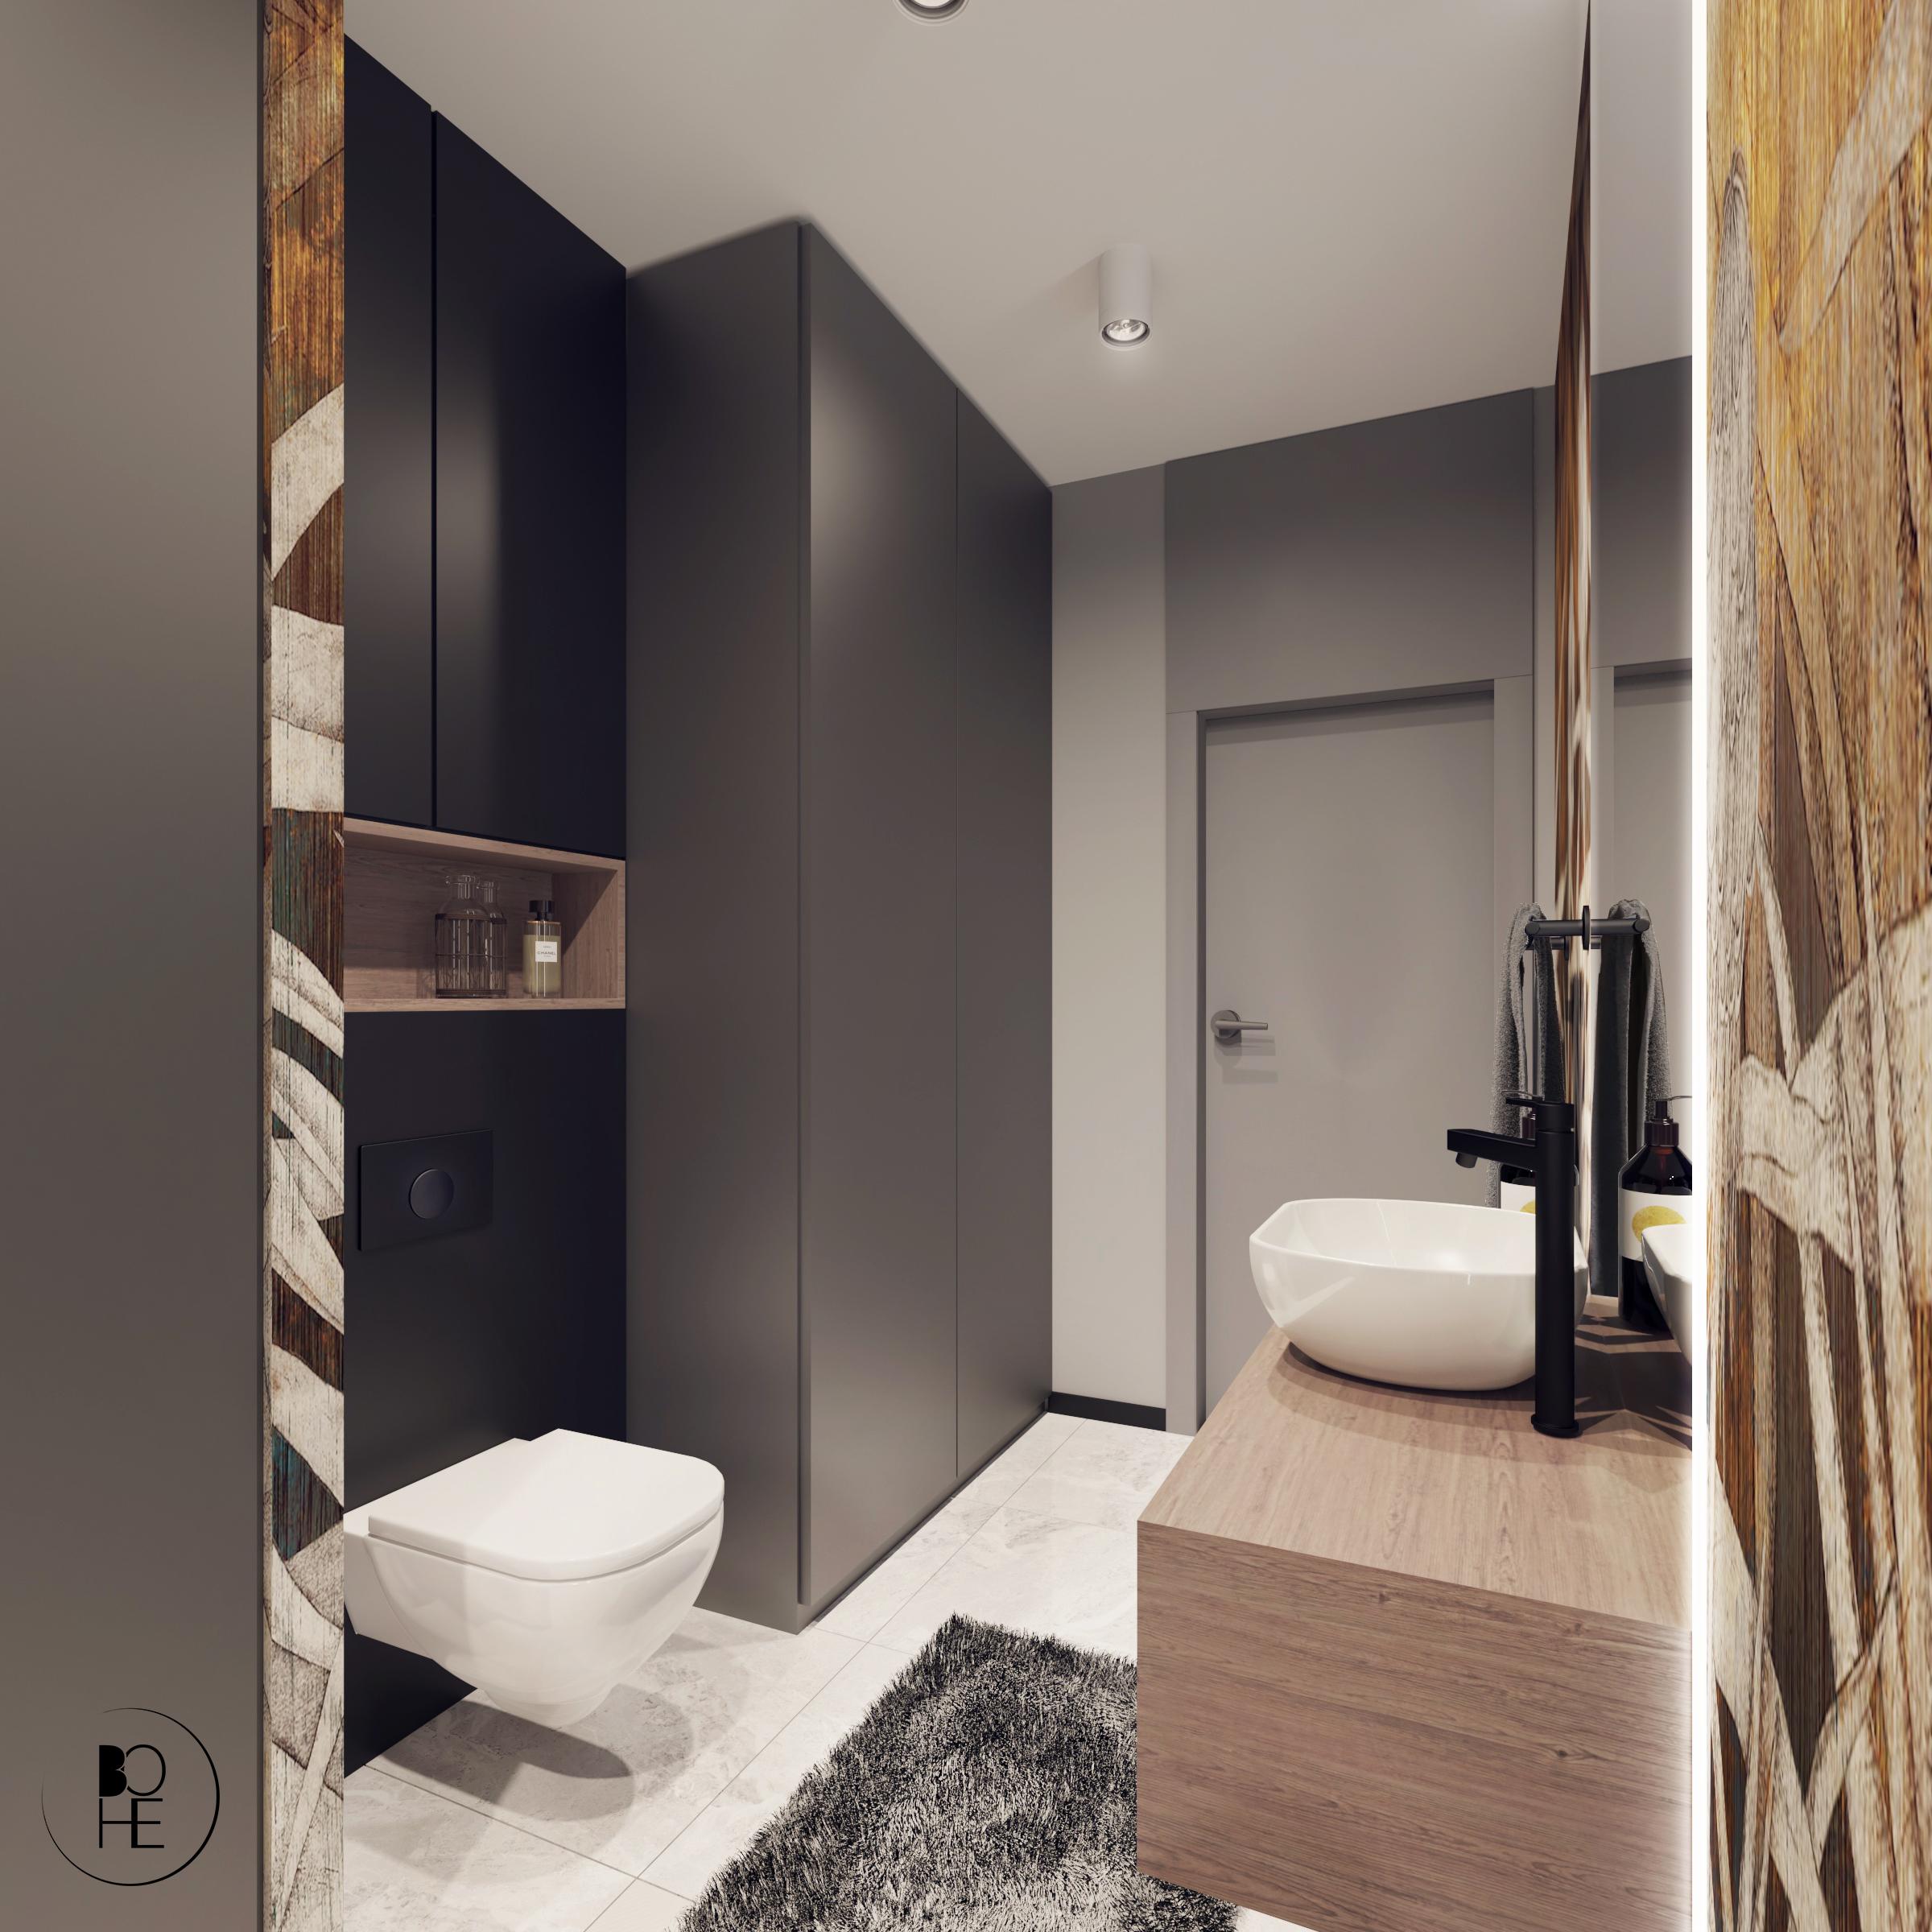 Aranżacja pomieszczenia gospodarczego z toaletą Białystok